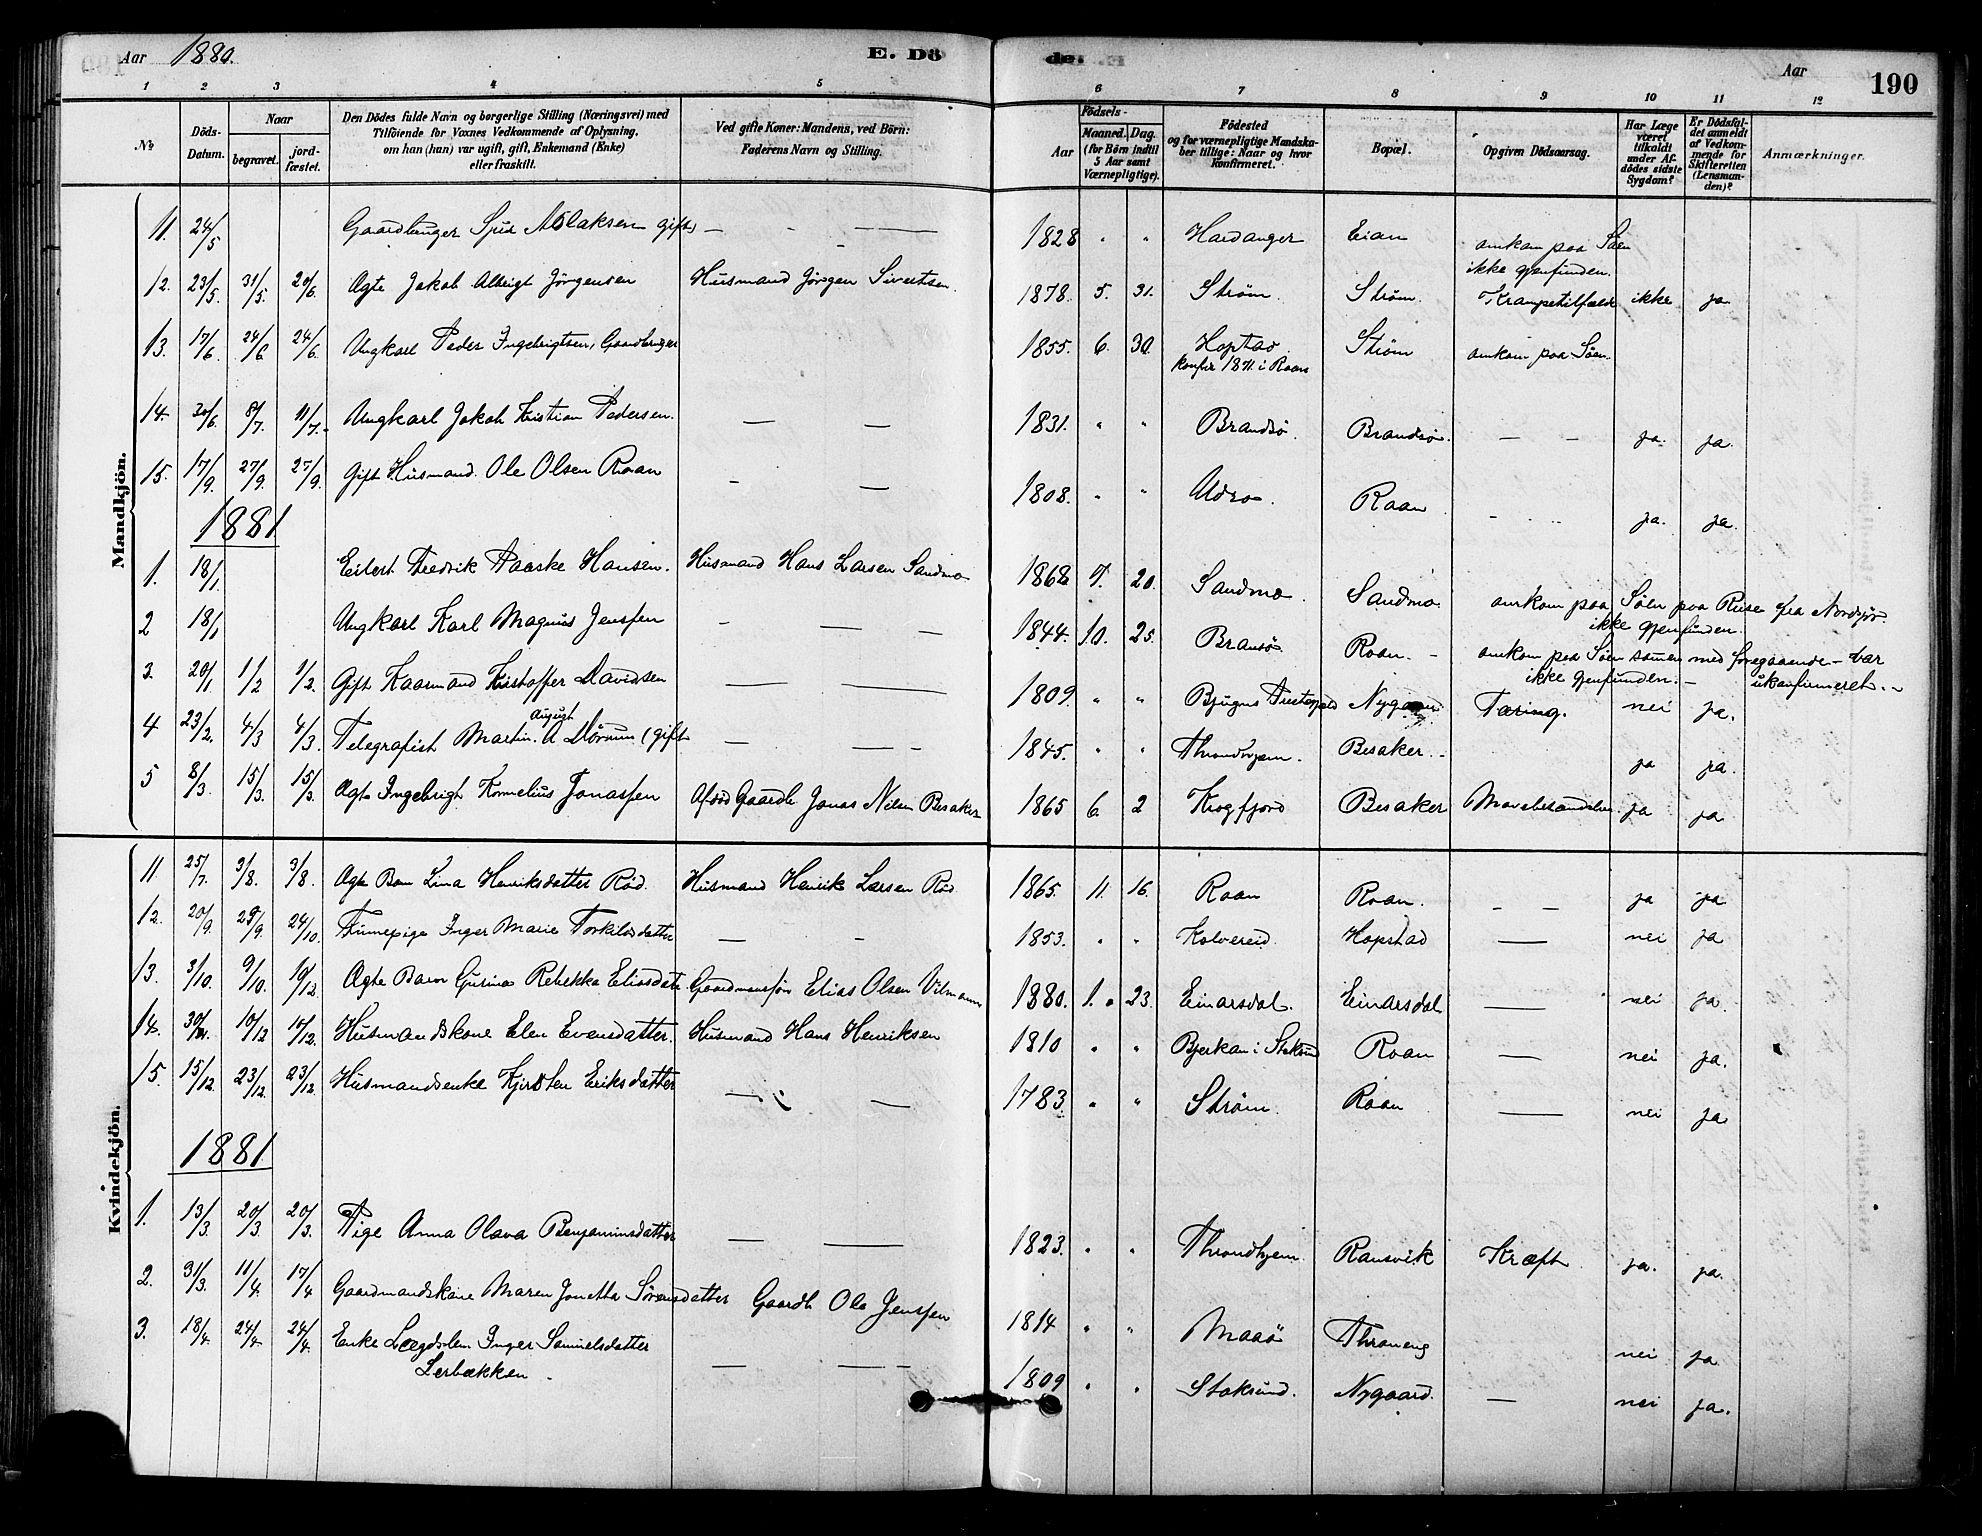 SAT, Ministerialprotokoller, klokkerbøker og fødselsregistre - Sør-Trøndelag, 657/L0707: Ministerialbok nr. 657A08, 1879-1893, s. 190